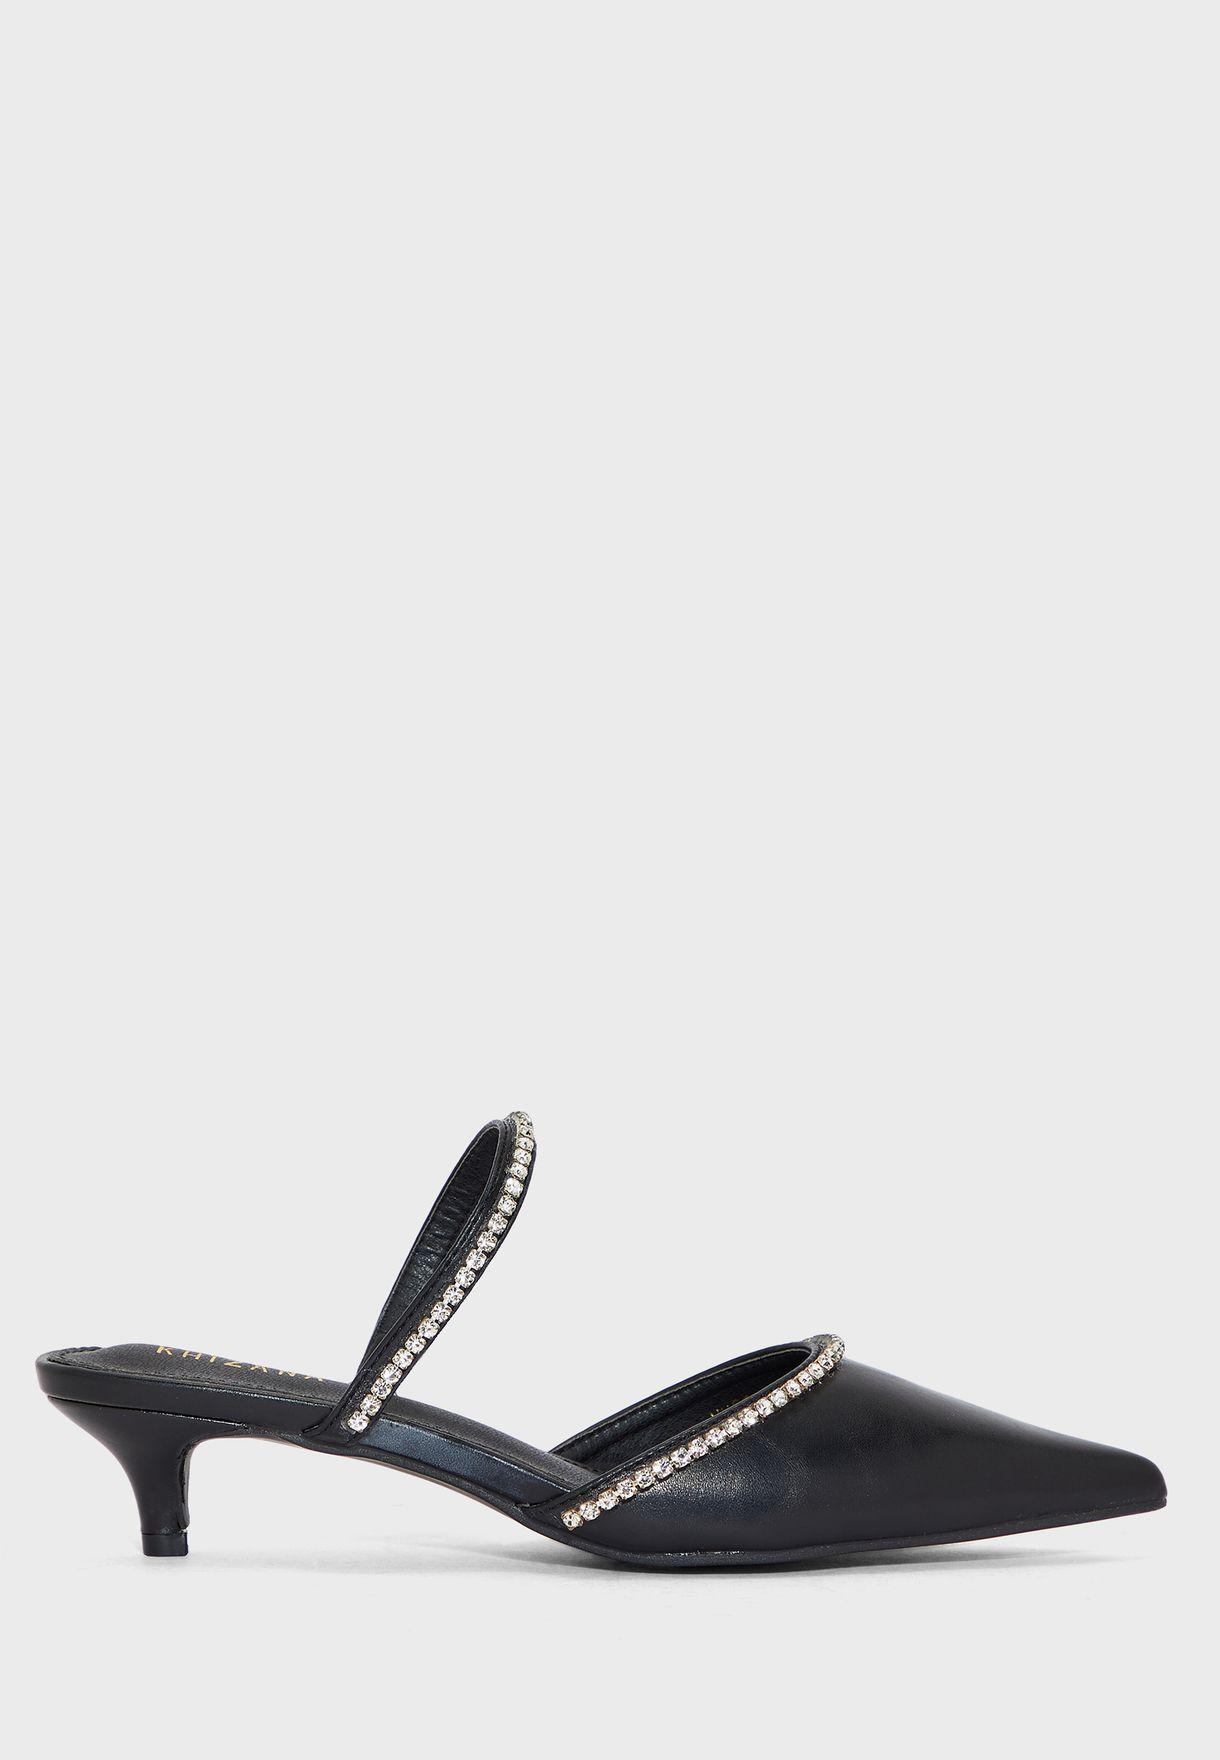 حذاء مرصع بكعب عالي واصابع مدببة